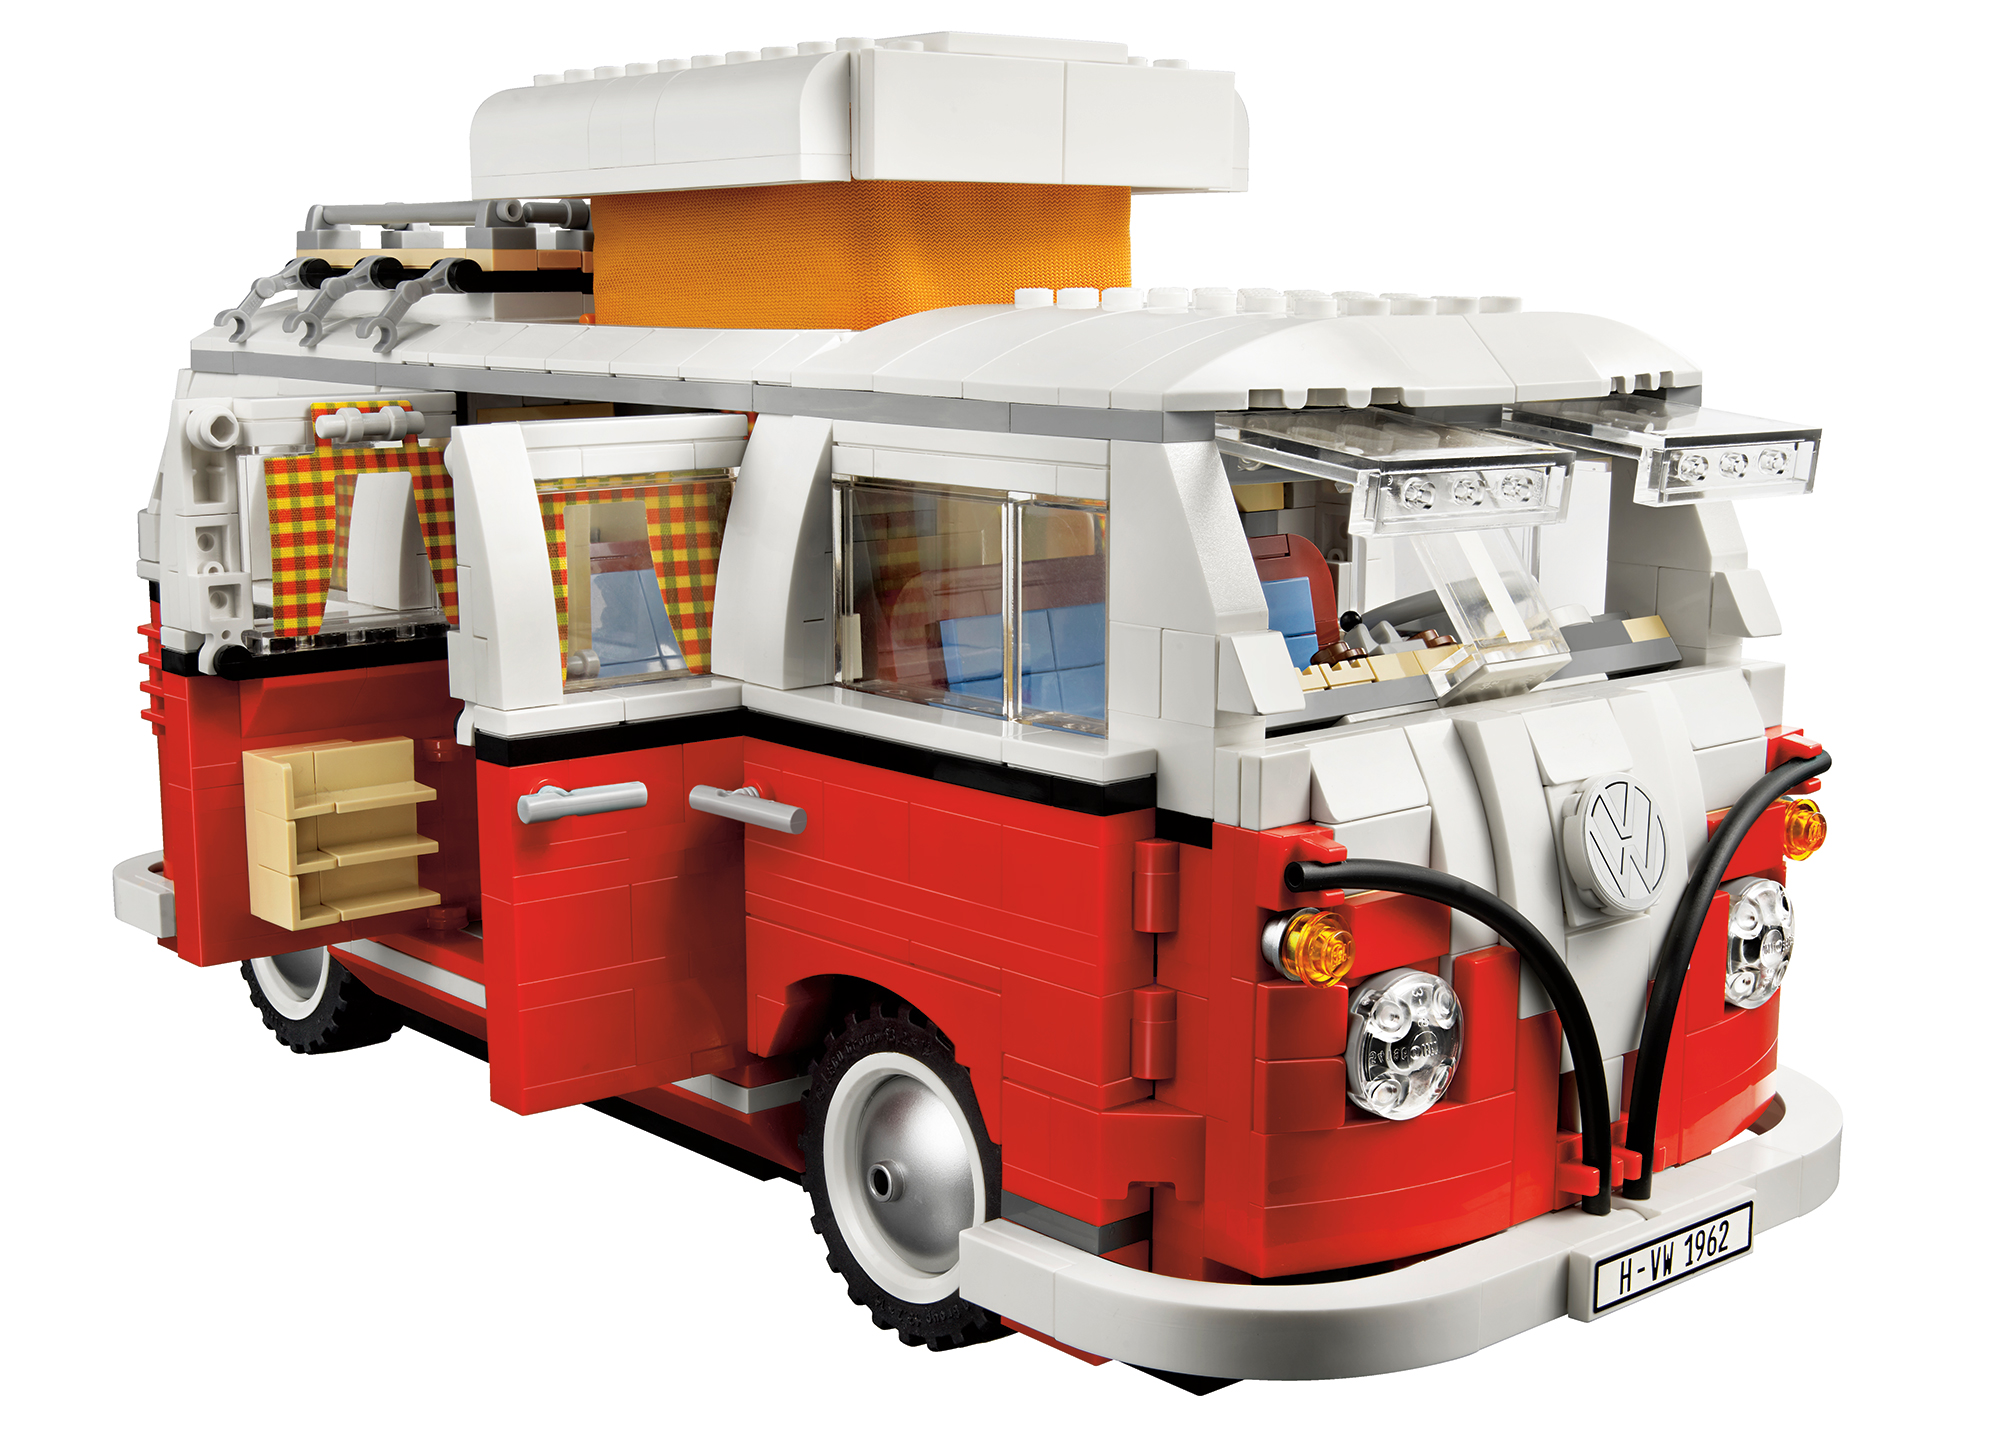 legos  volkswagen  camper van due  october